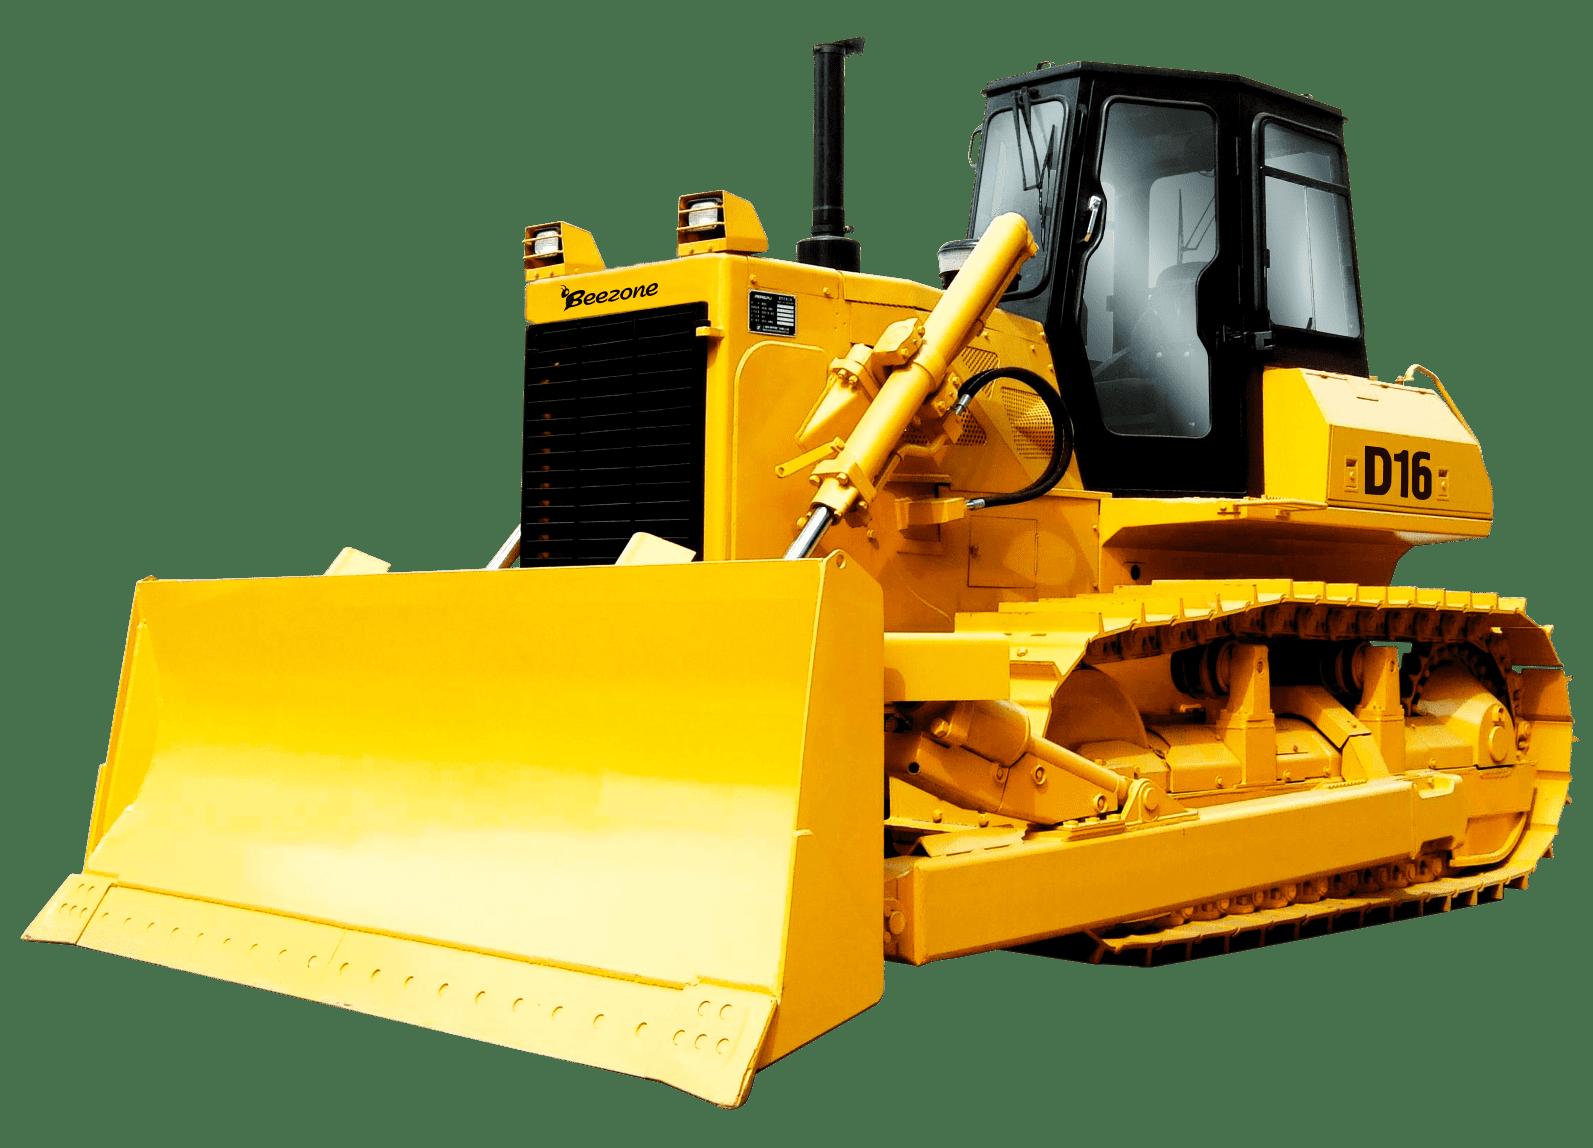 Трактор с бульдозерным оборудованием Beezone D16